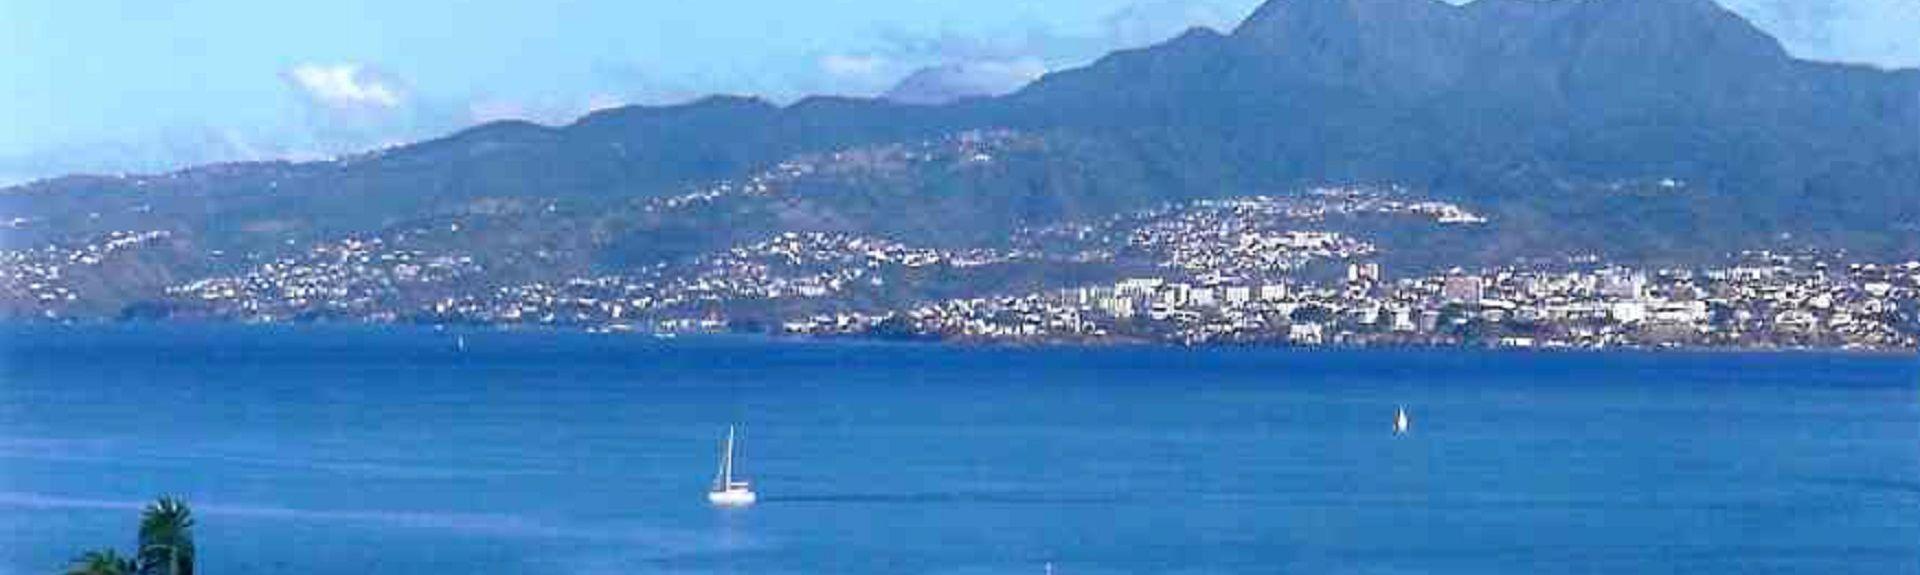 Anse Mitan, Trois-Ilets, Martinique